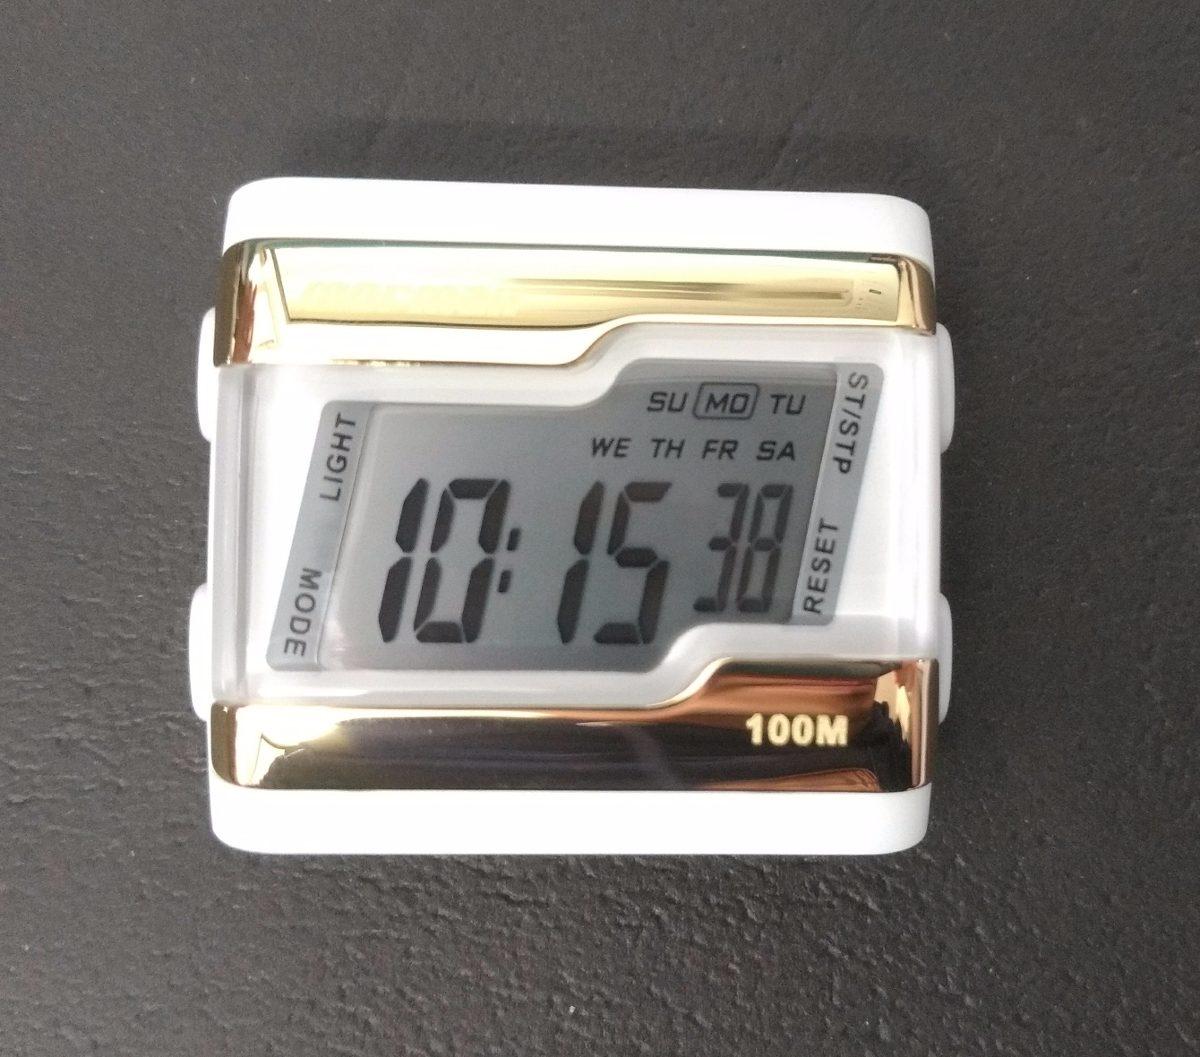 c6997b6f1d277 Relógio Mormaii Digital Kit Troca Pulseira Fzv 8t - R  129,00 em ...